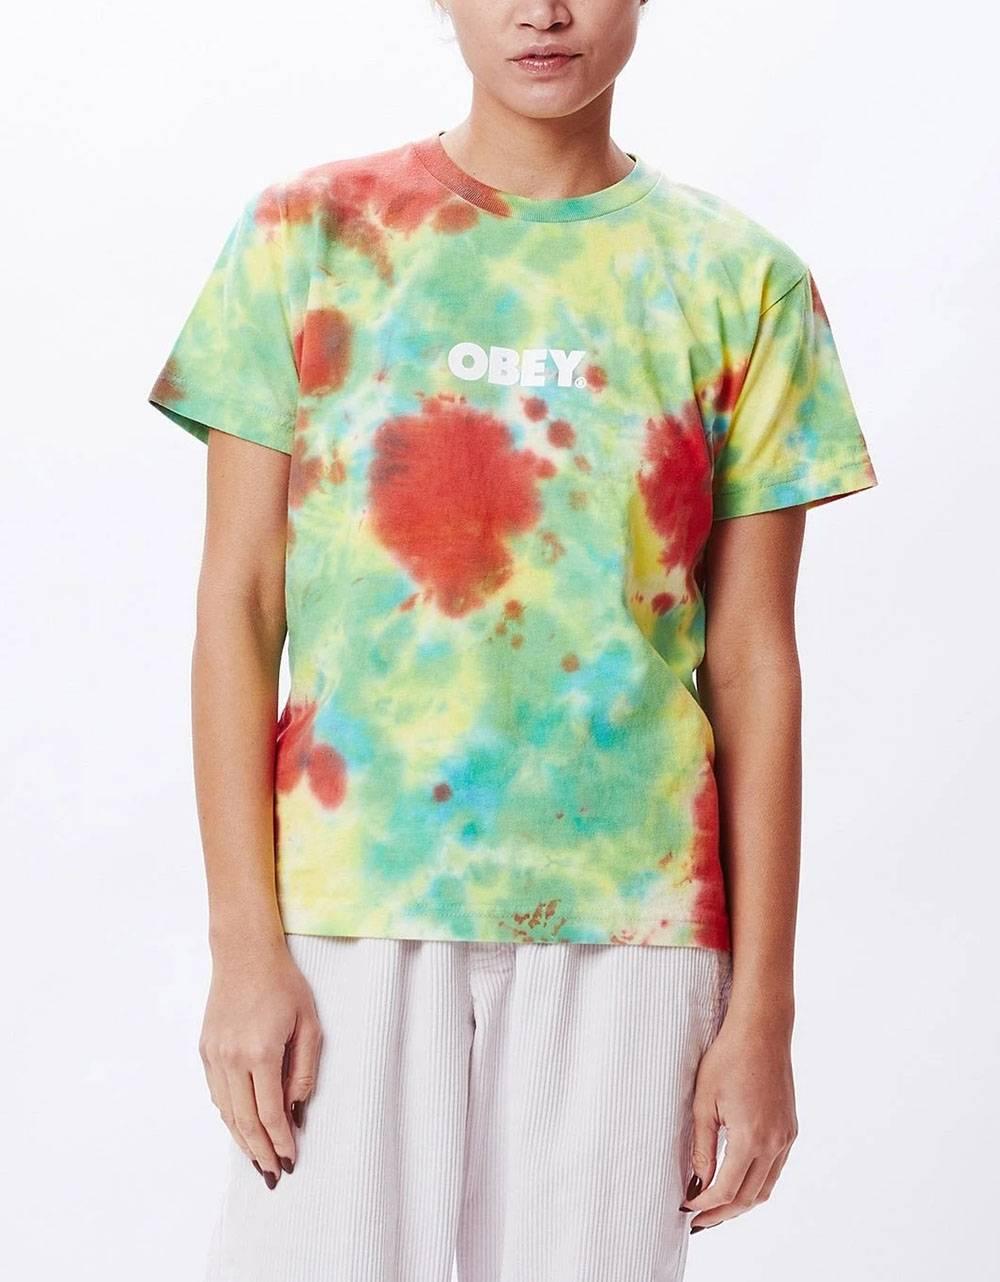 Obey Woman bold custom box tie dye tee - dusky tie dye obey T-shirt 45,08€